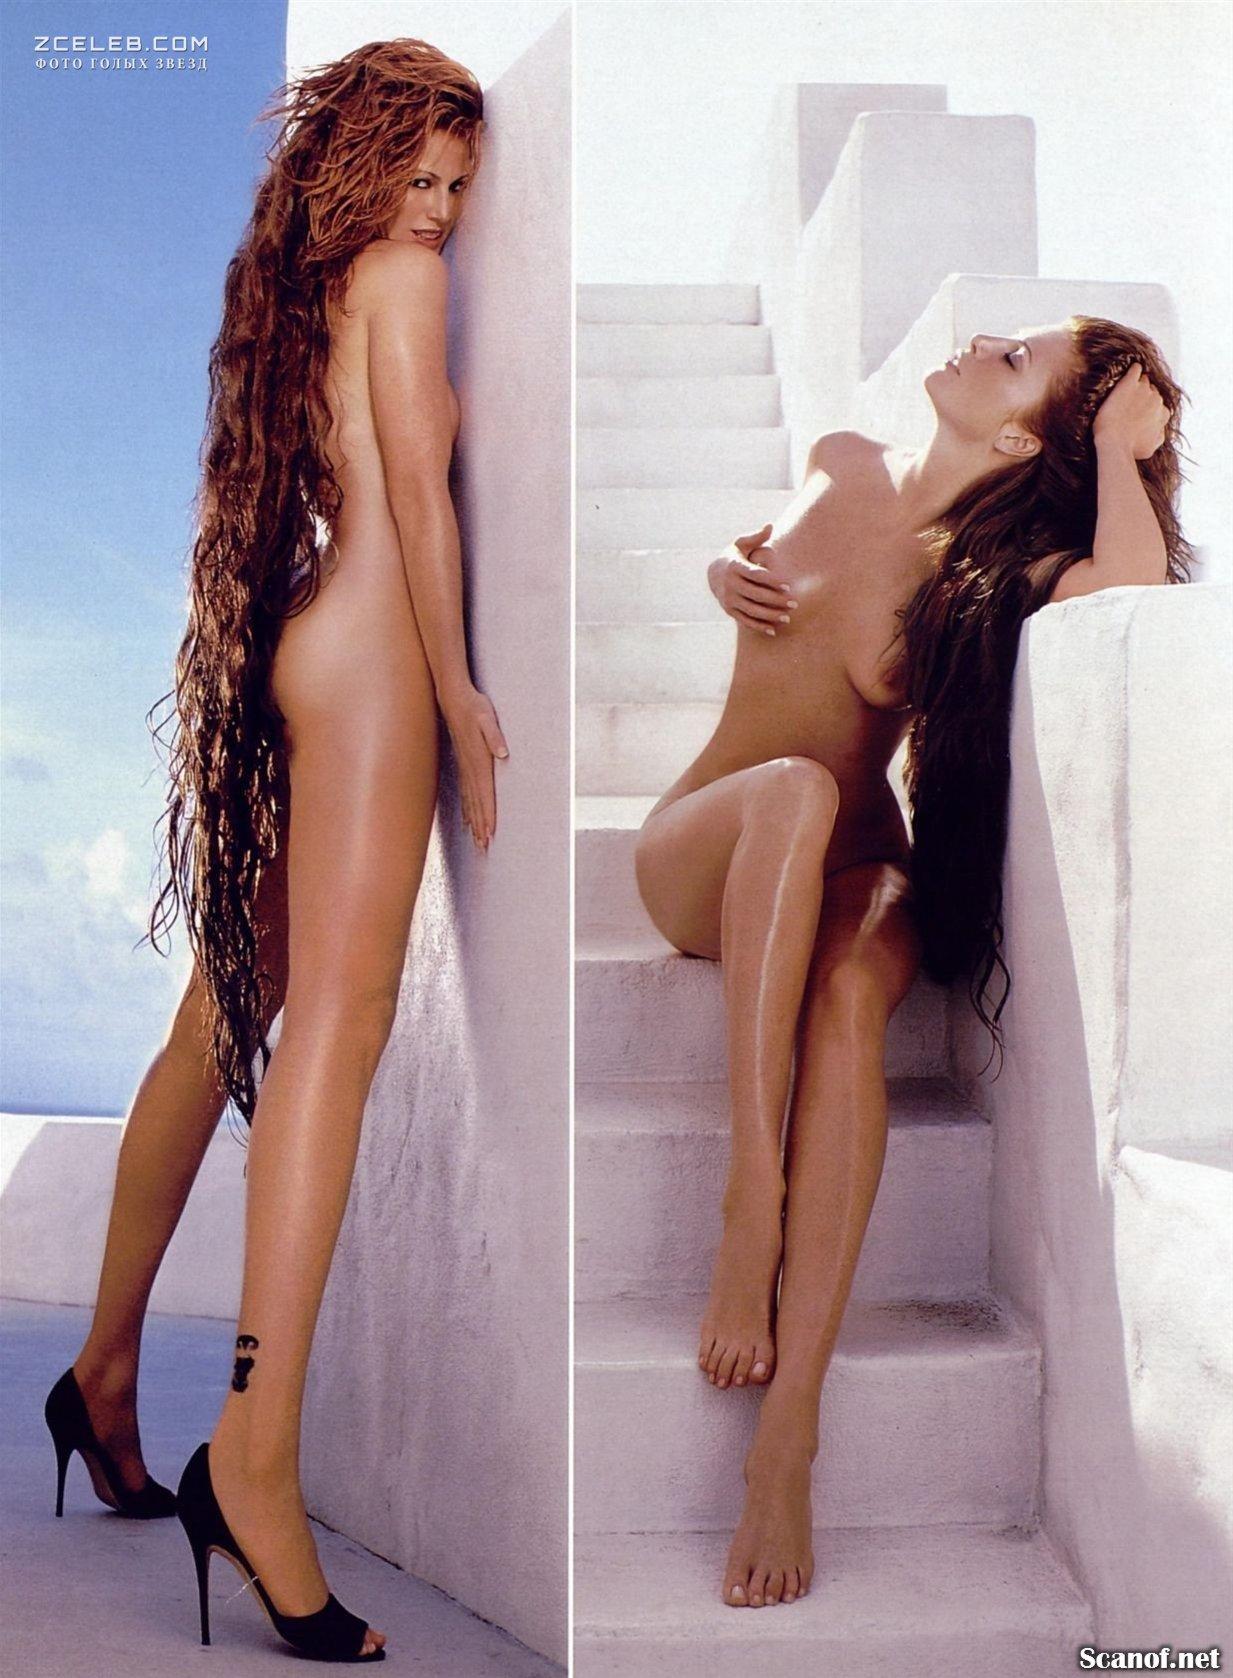 Angie everhart nude, milf hunter melissa